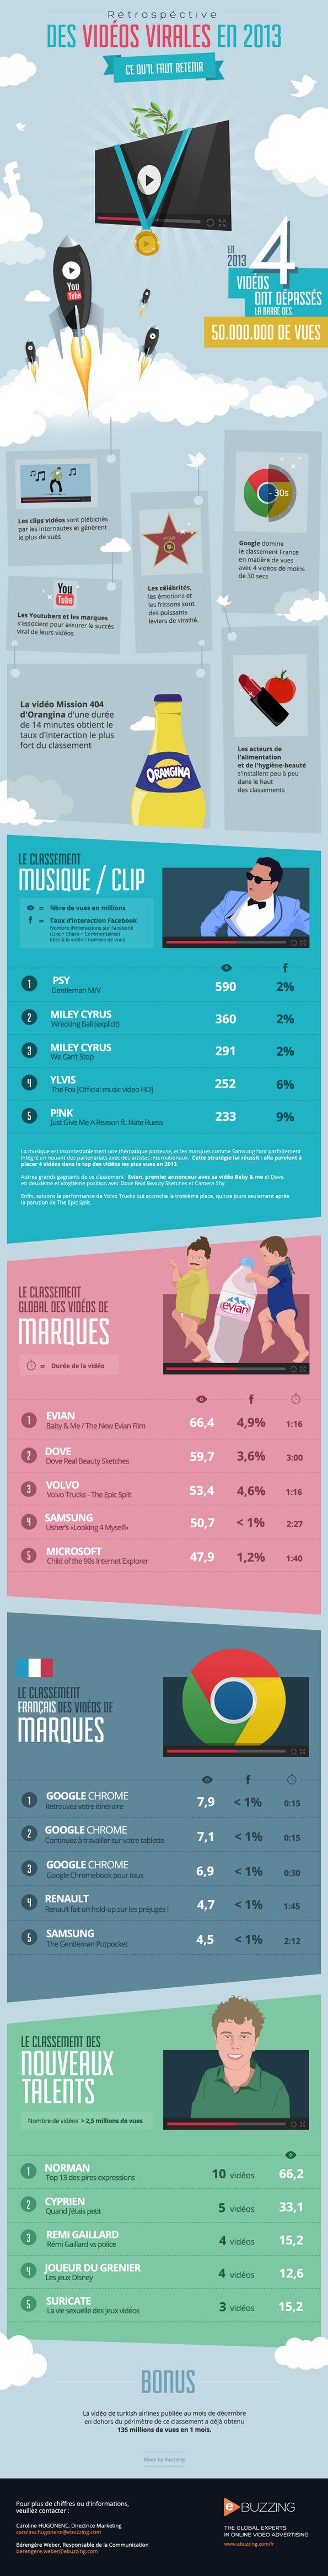 Google Chrome aux 3 premières places des vidéos de marque les plus vues en France en 2013 selon Ebuzzing